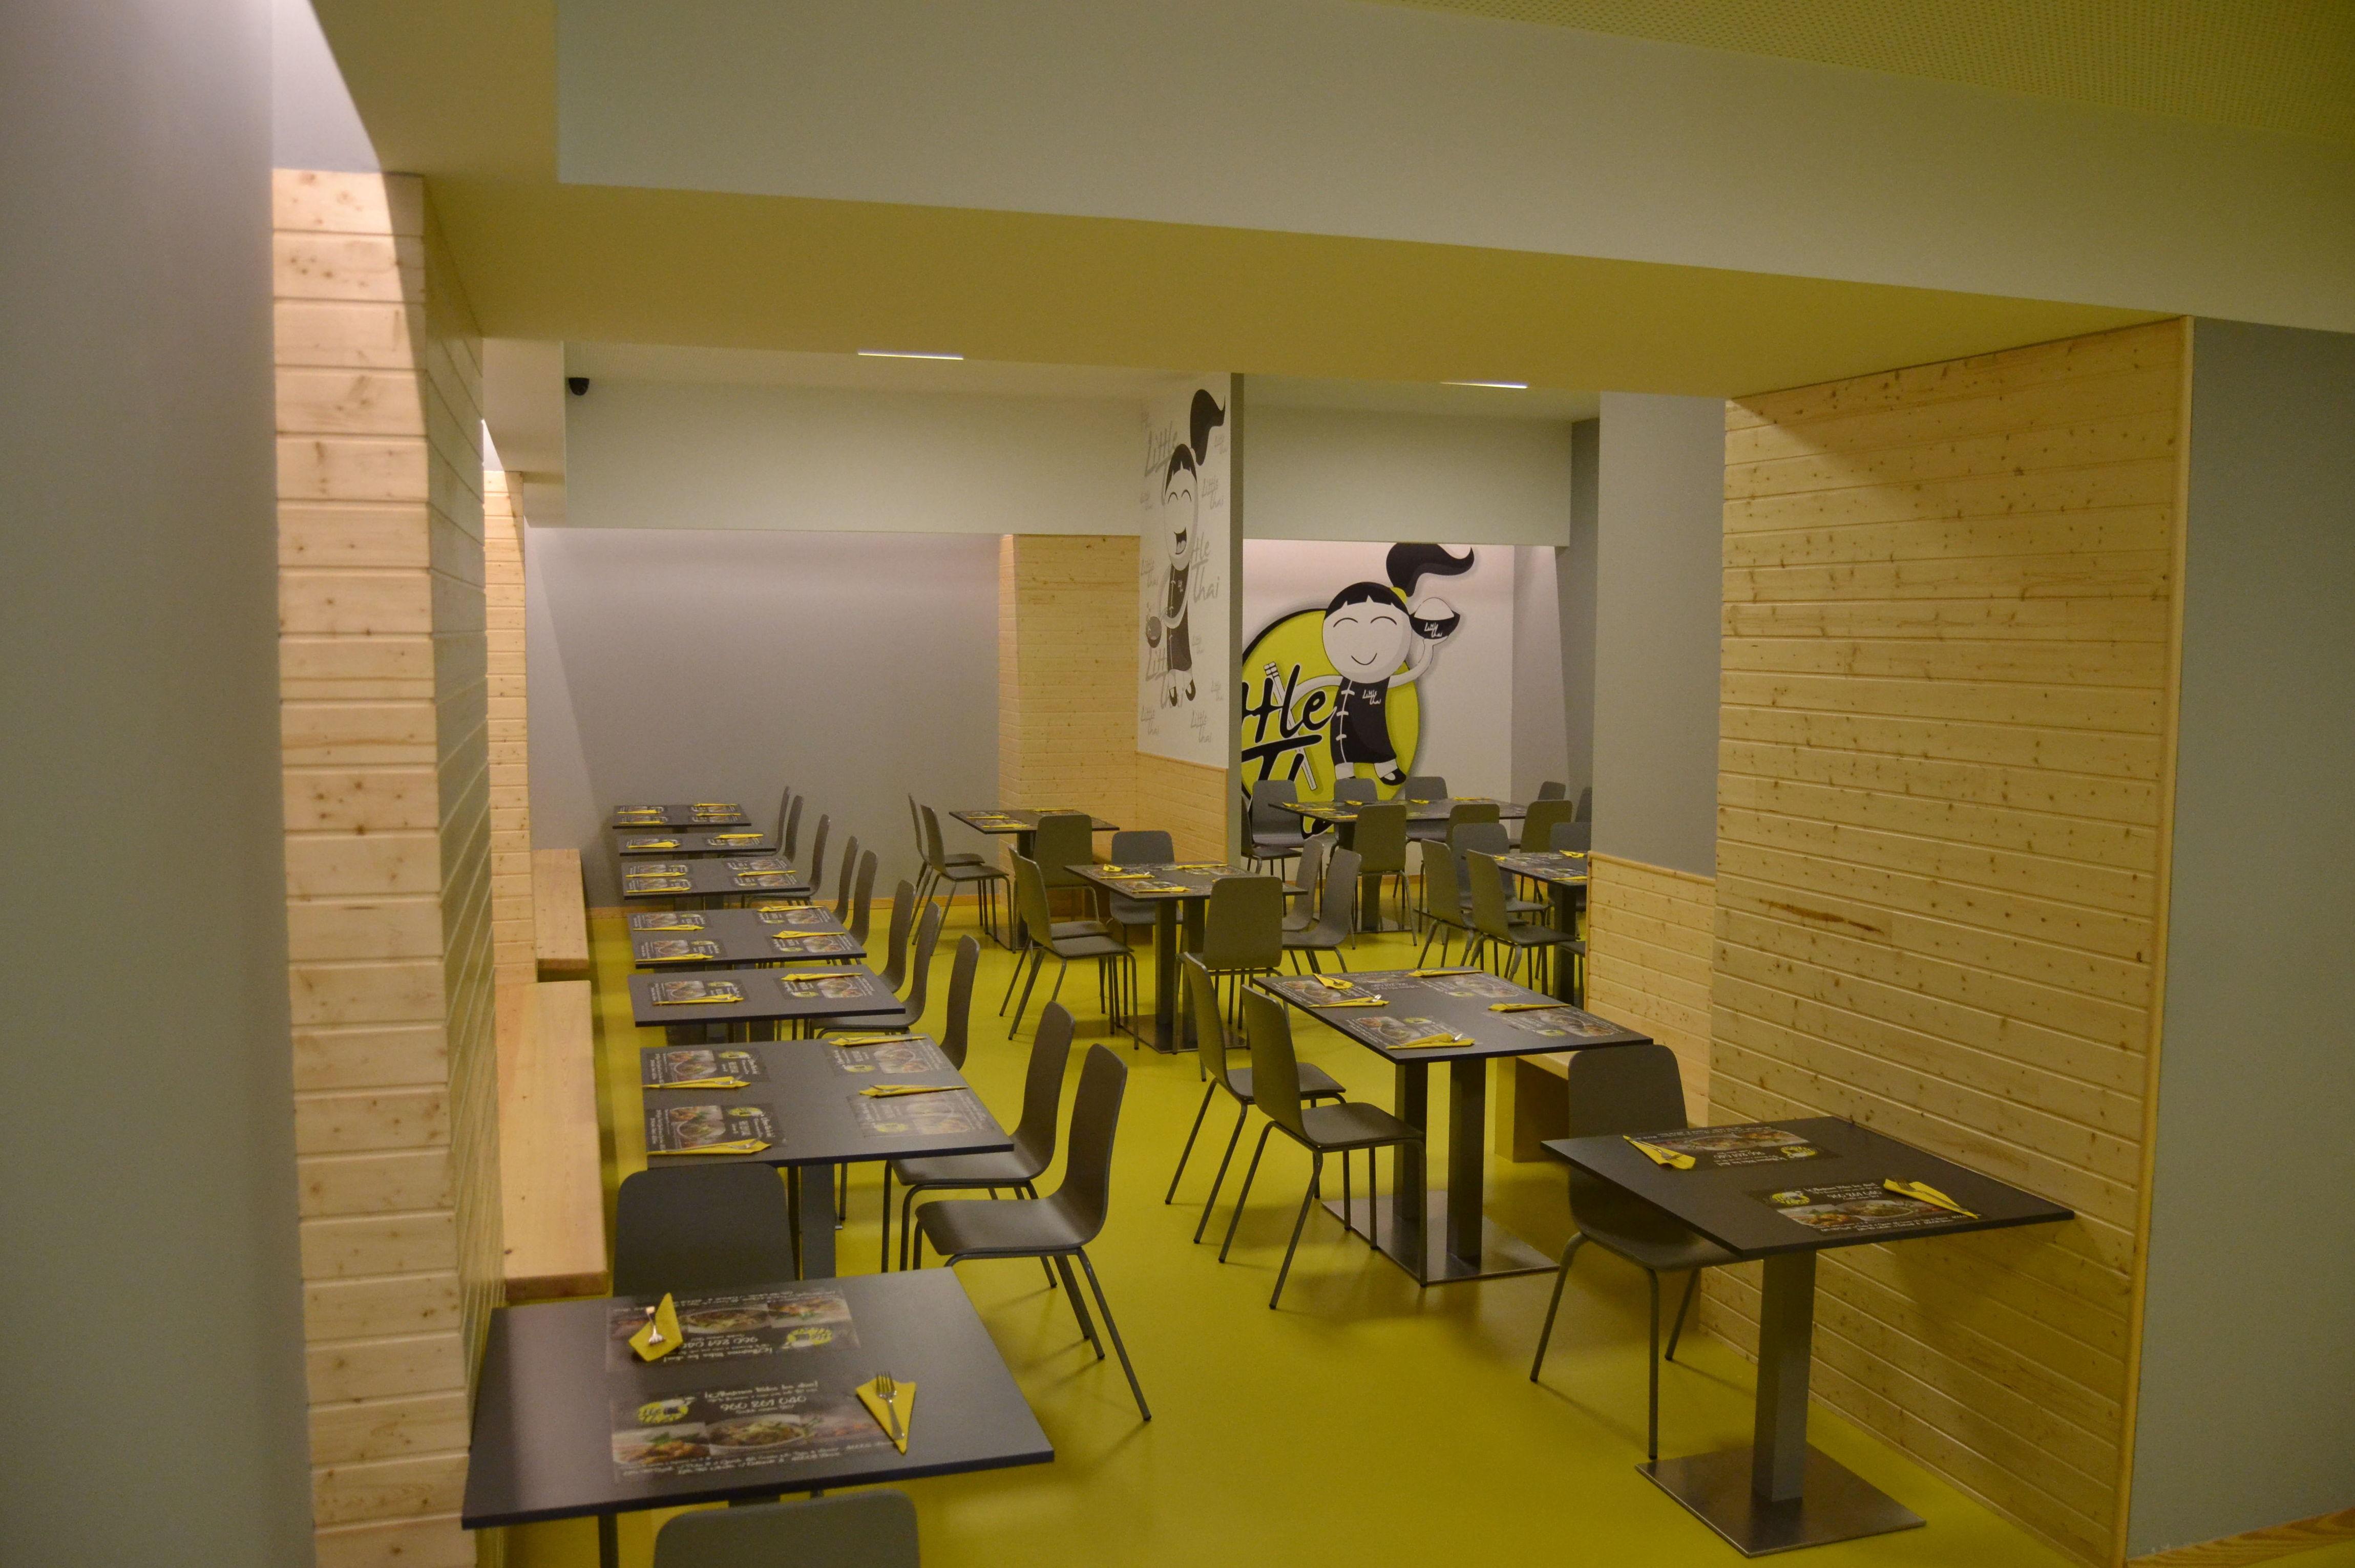 Foto 64 de Cocina asiática en Valencia | Restaurante Little Thai